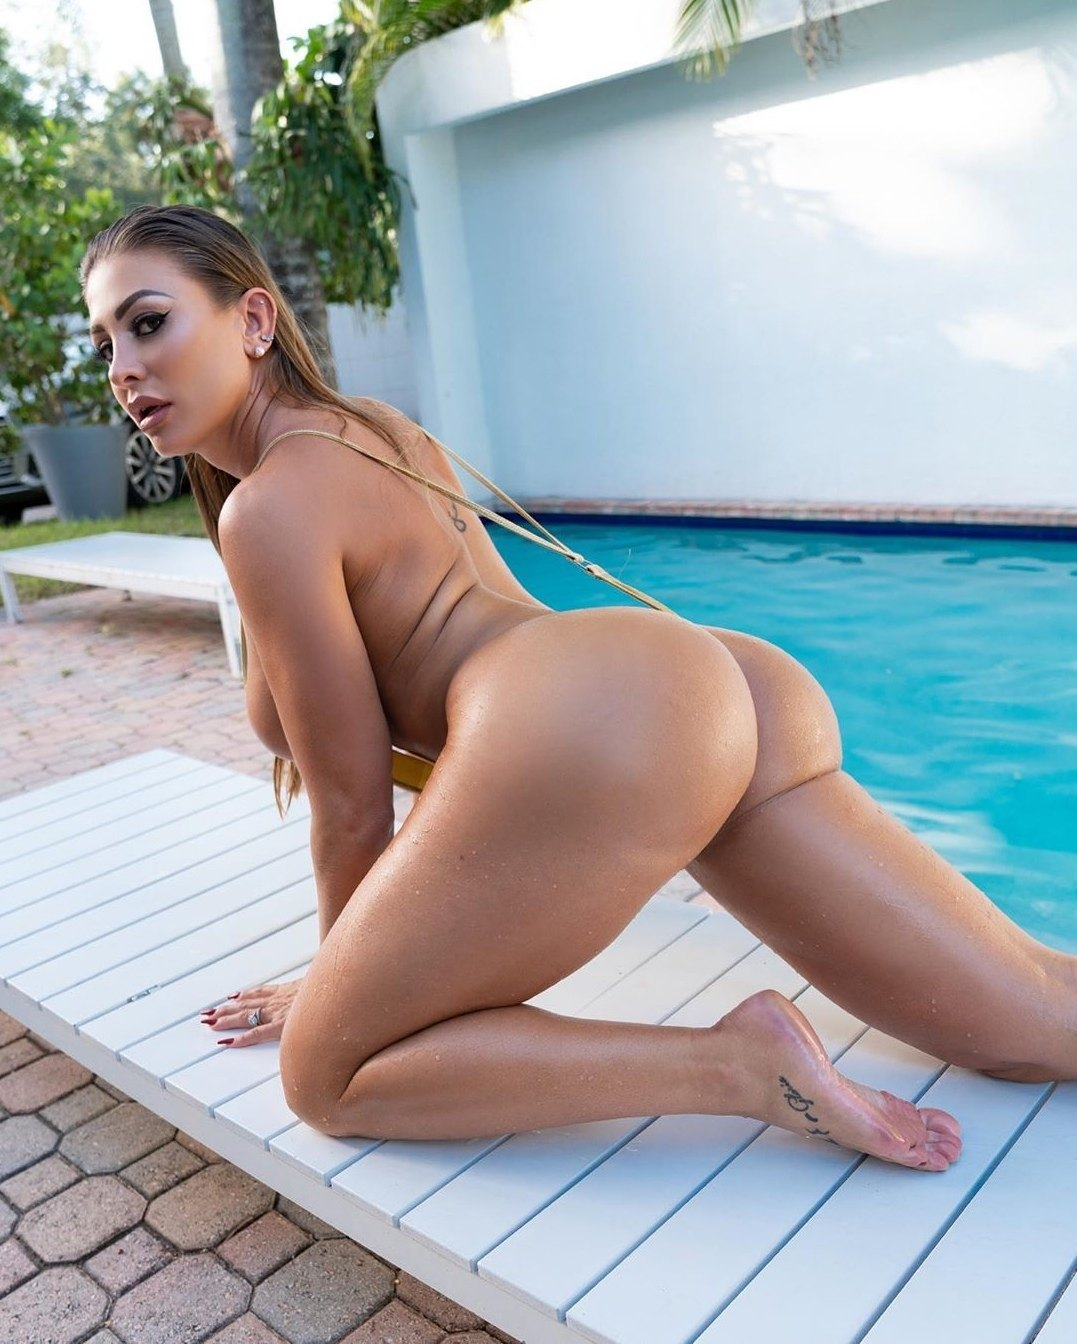 Жгучая каварная порнозвезда с круглой попкой эротично позирует